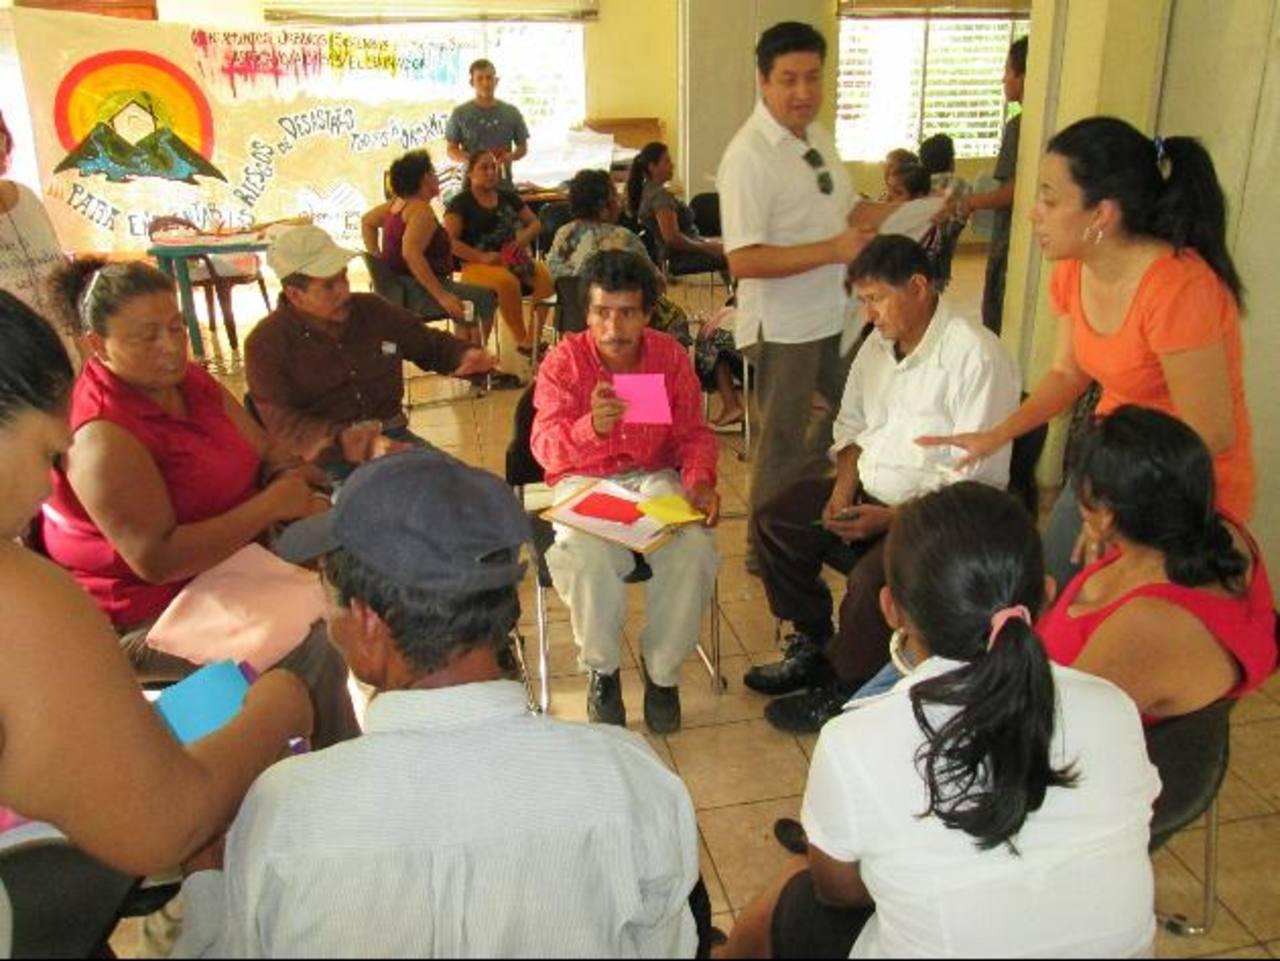 Los beneficiados con las viviendas dignas serán capacitados por más de dos meses, de acuerdo con los organizadores. Foto eh / CORTESÍA